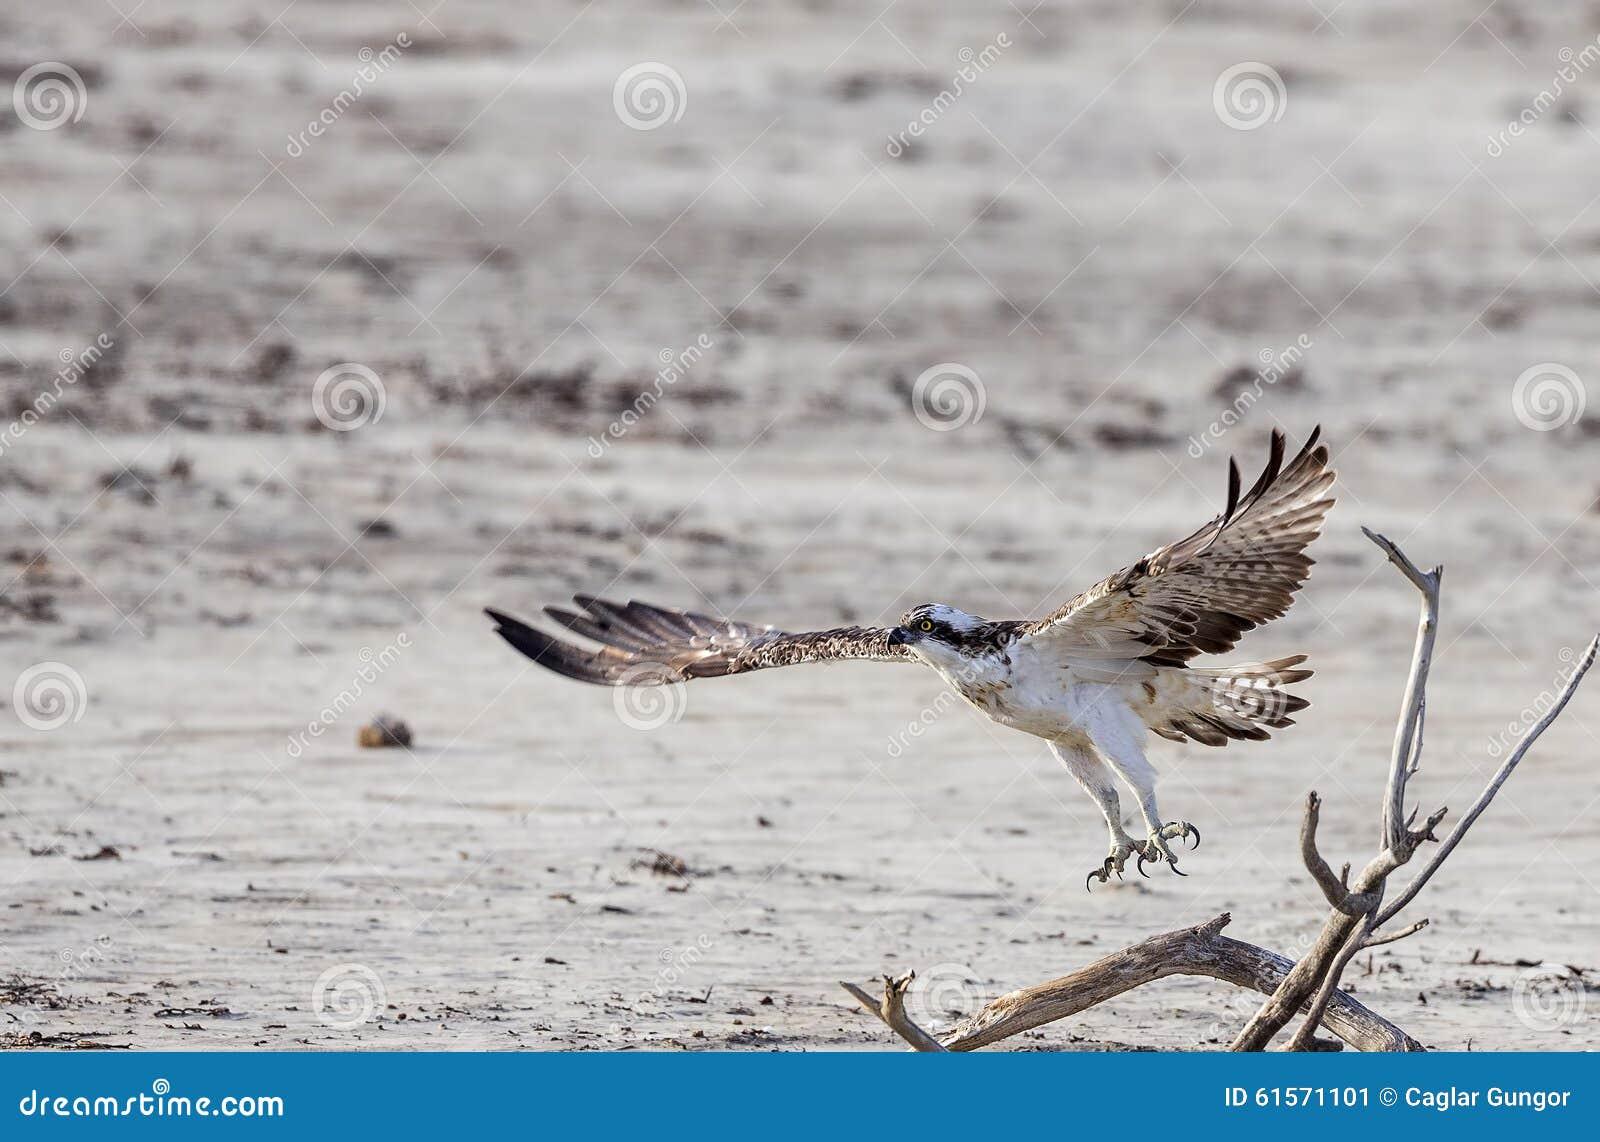 Águia pescadora em voo